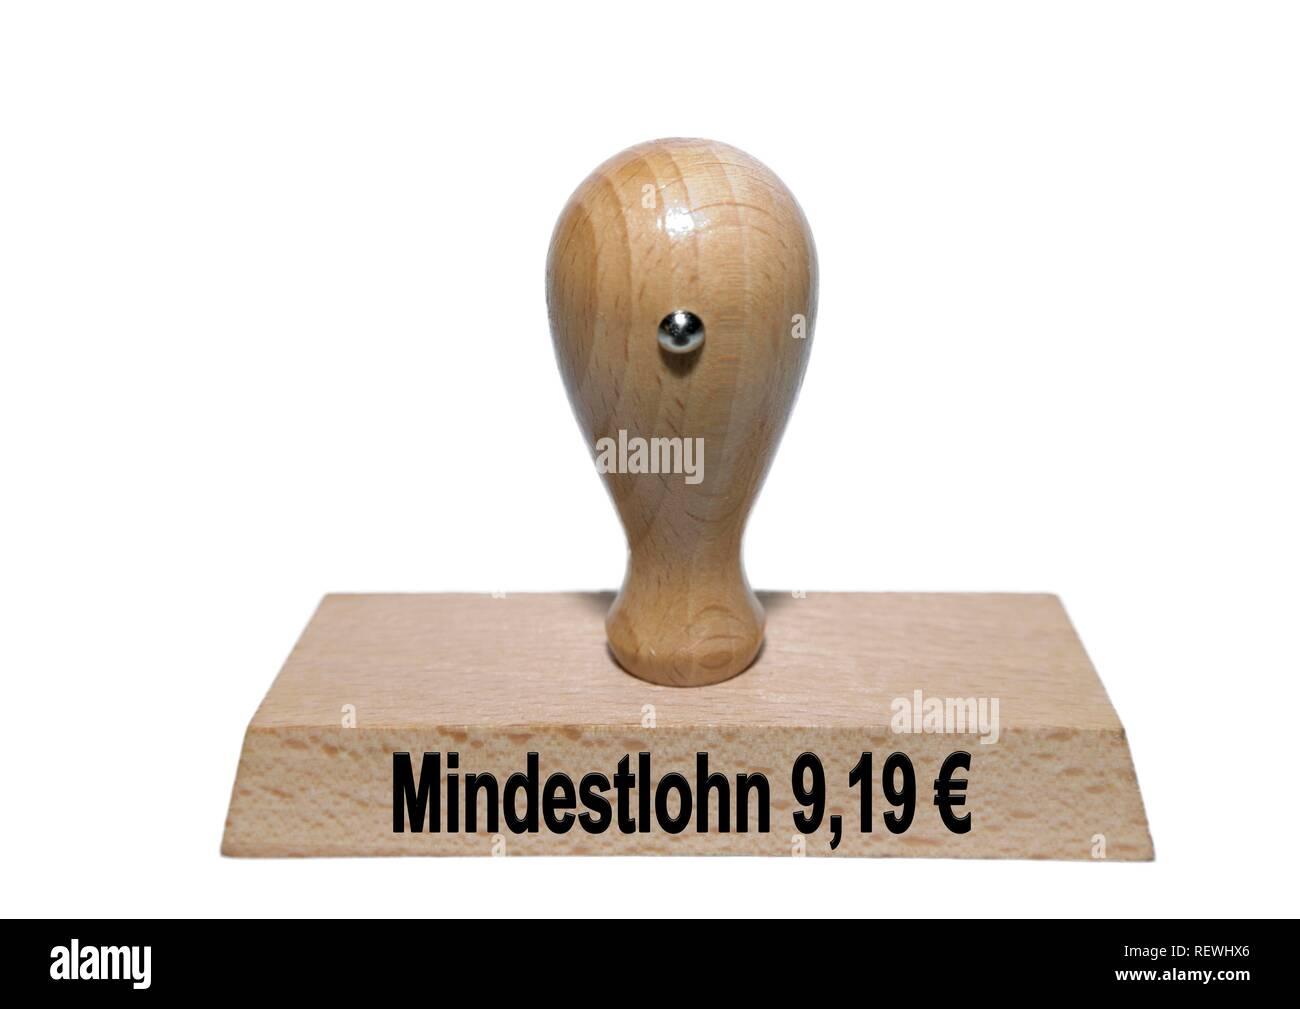 Immagine di simbolo, timbro con iscrizione salario minimo 9,19€, intaglio, Germania Immagini Stock